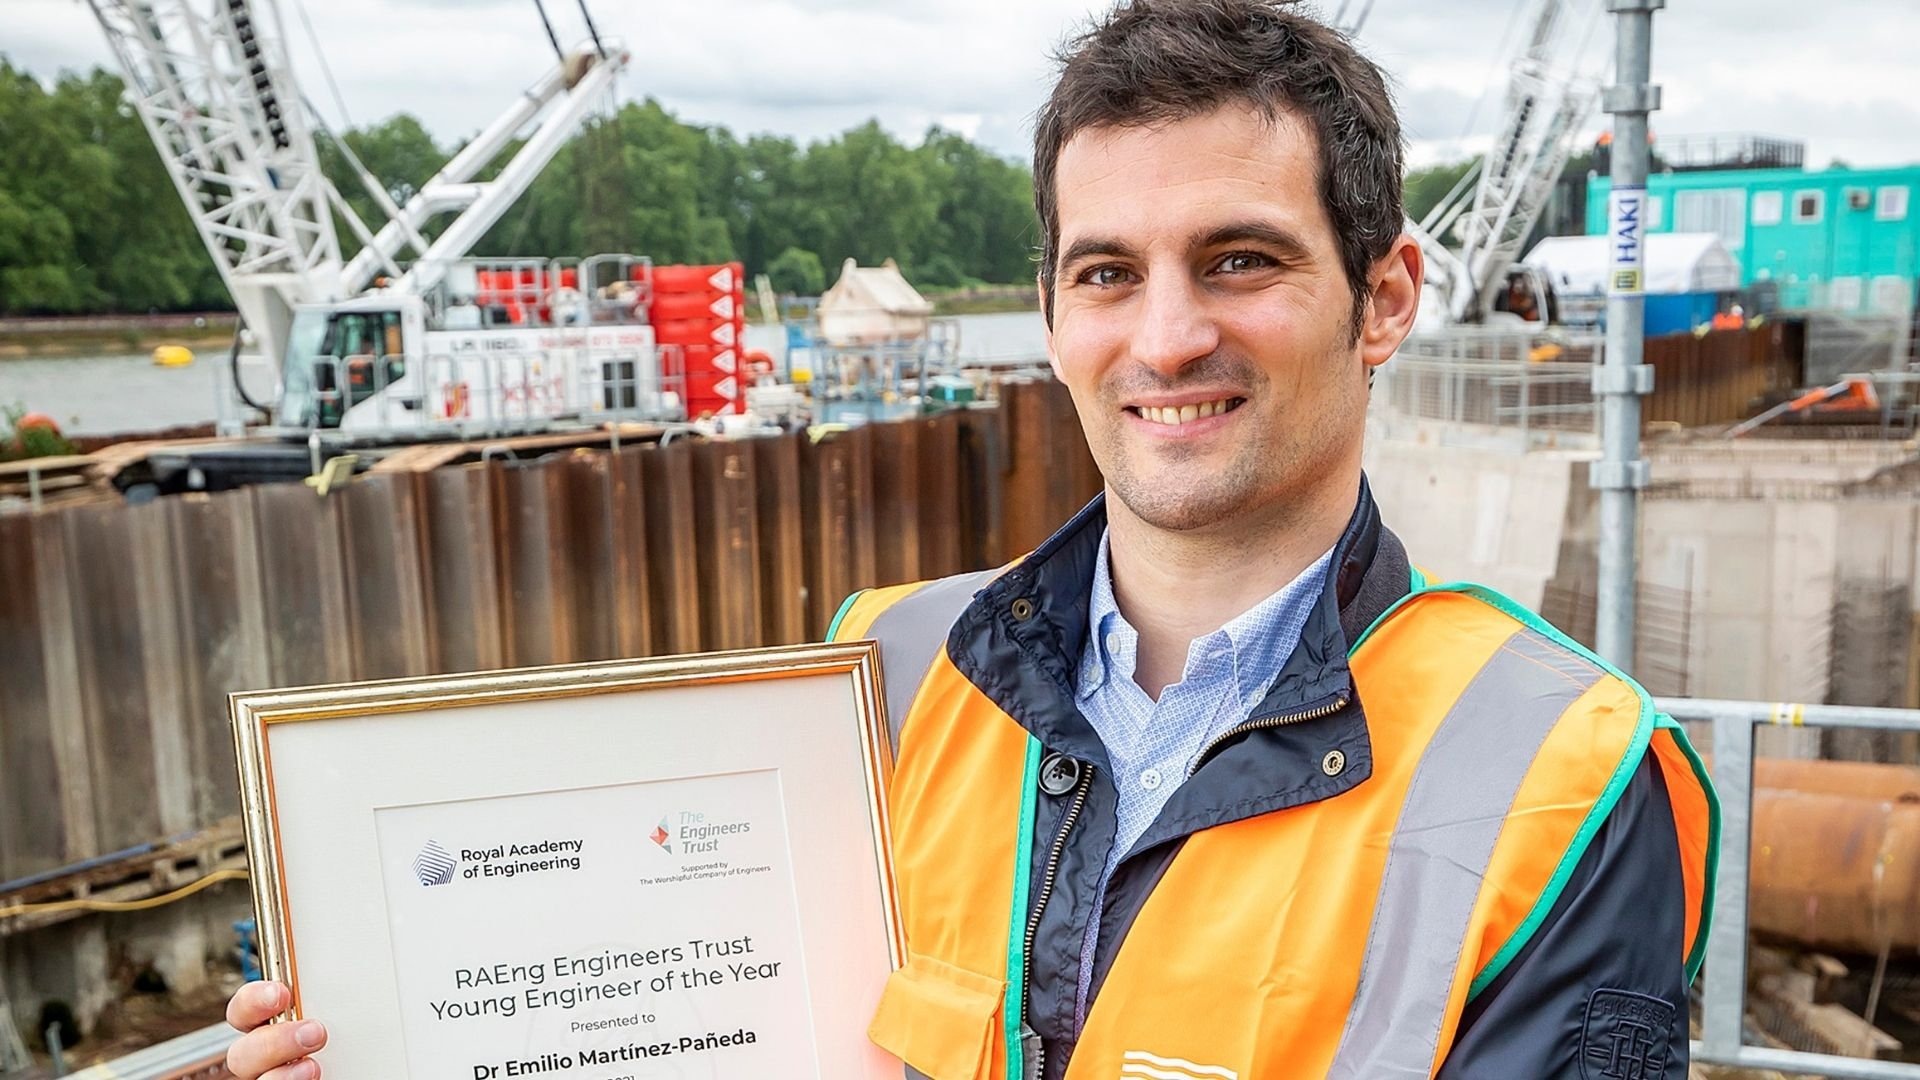 El asturiano Emilio Martínez-Pañeda, mejor ingeniero joven del año del Reino Unido